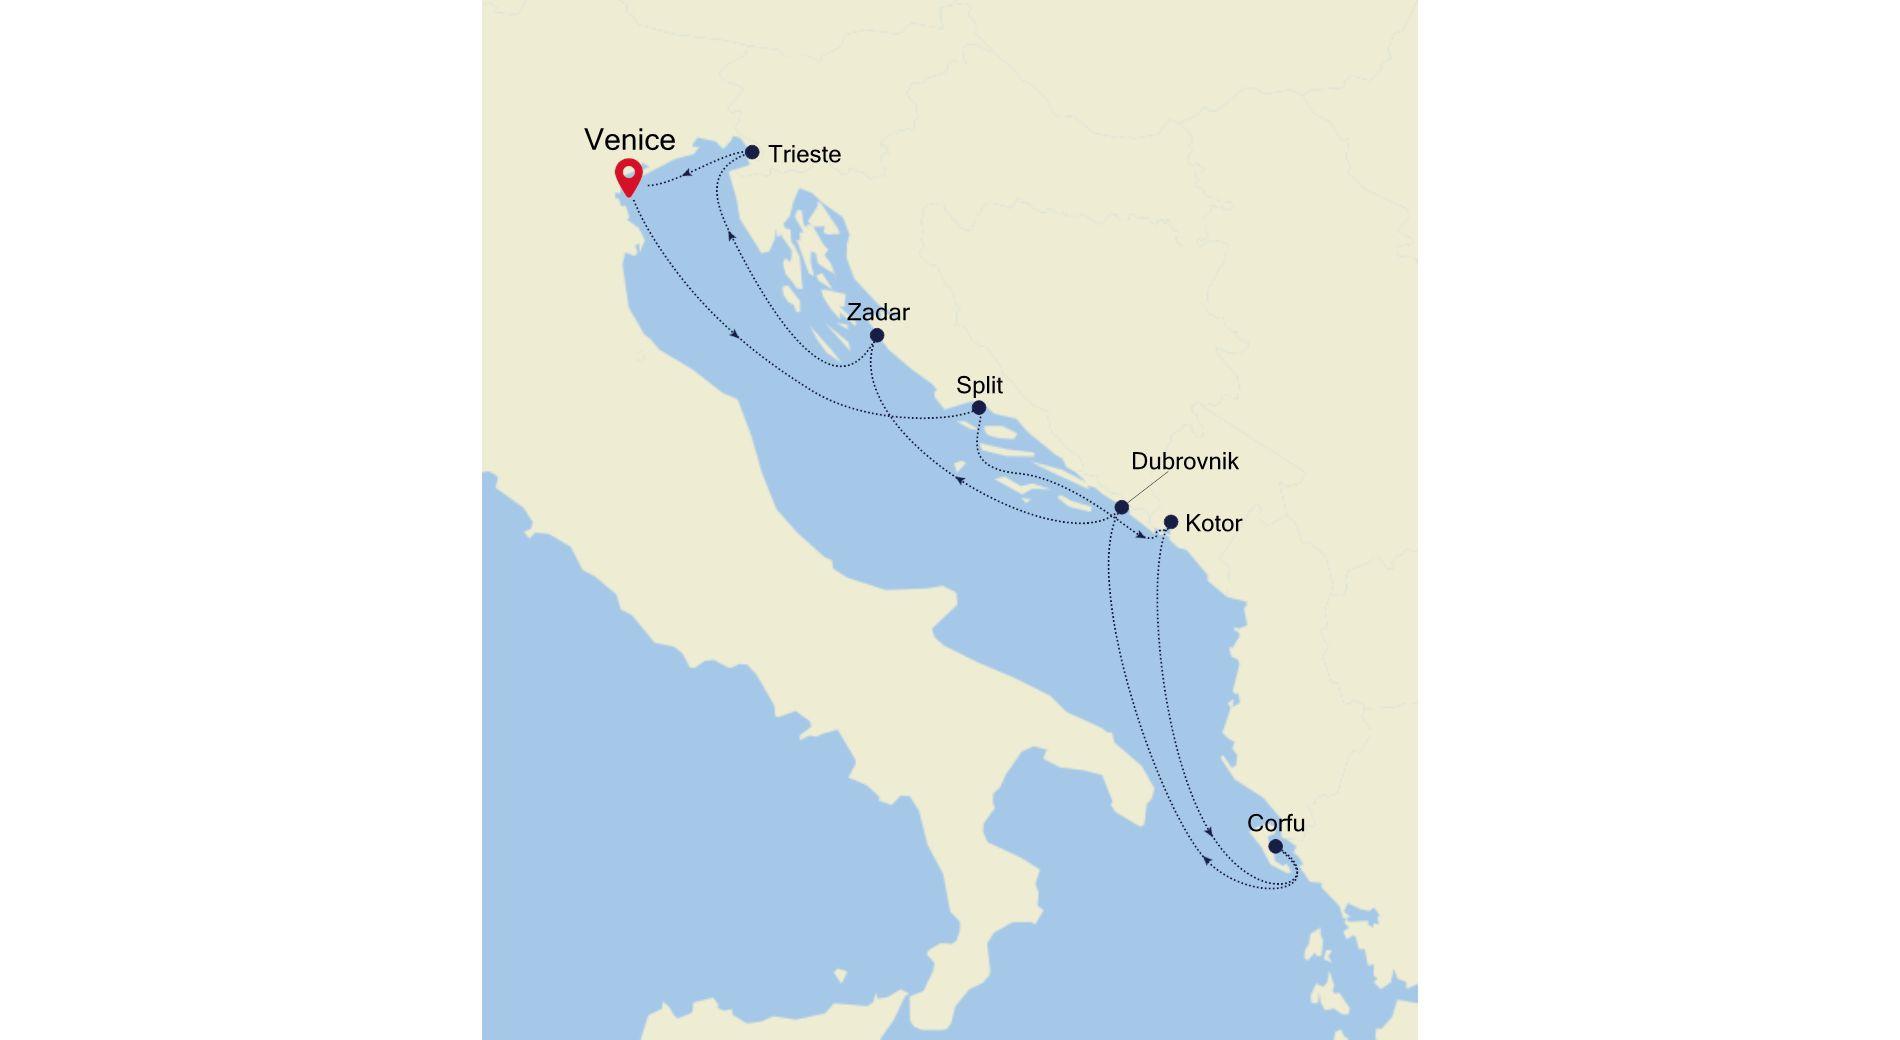 MO210628007 - Venice a Venice